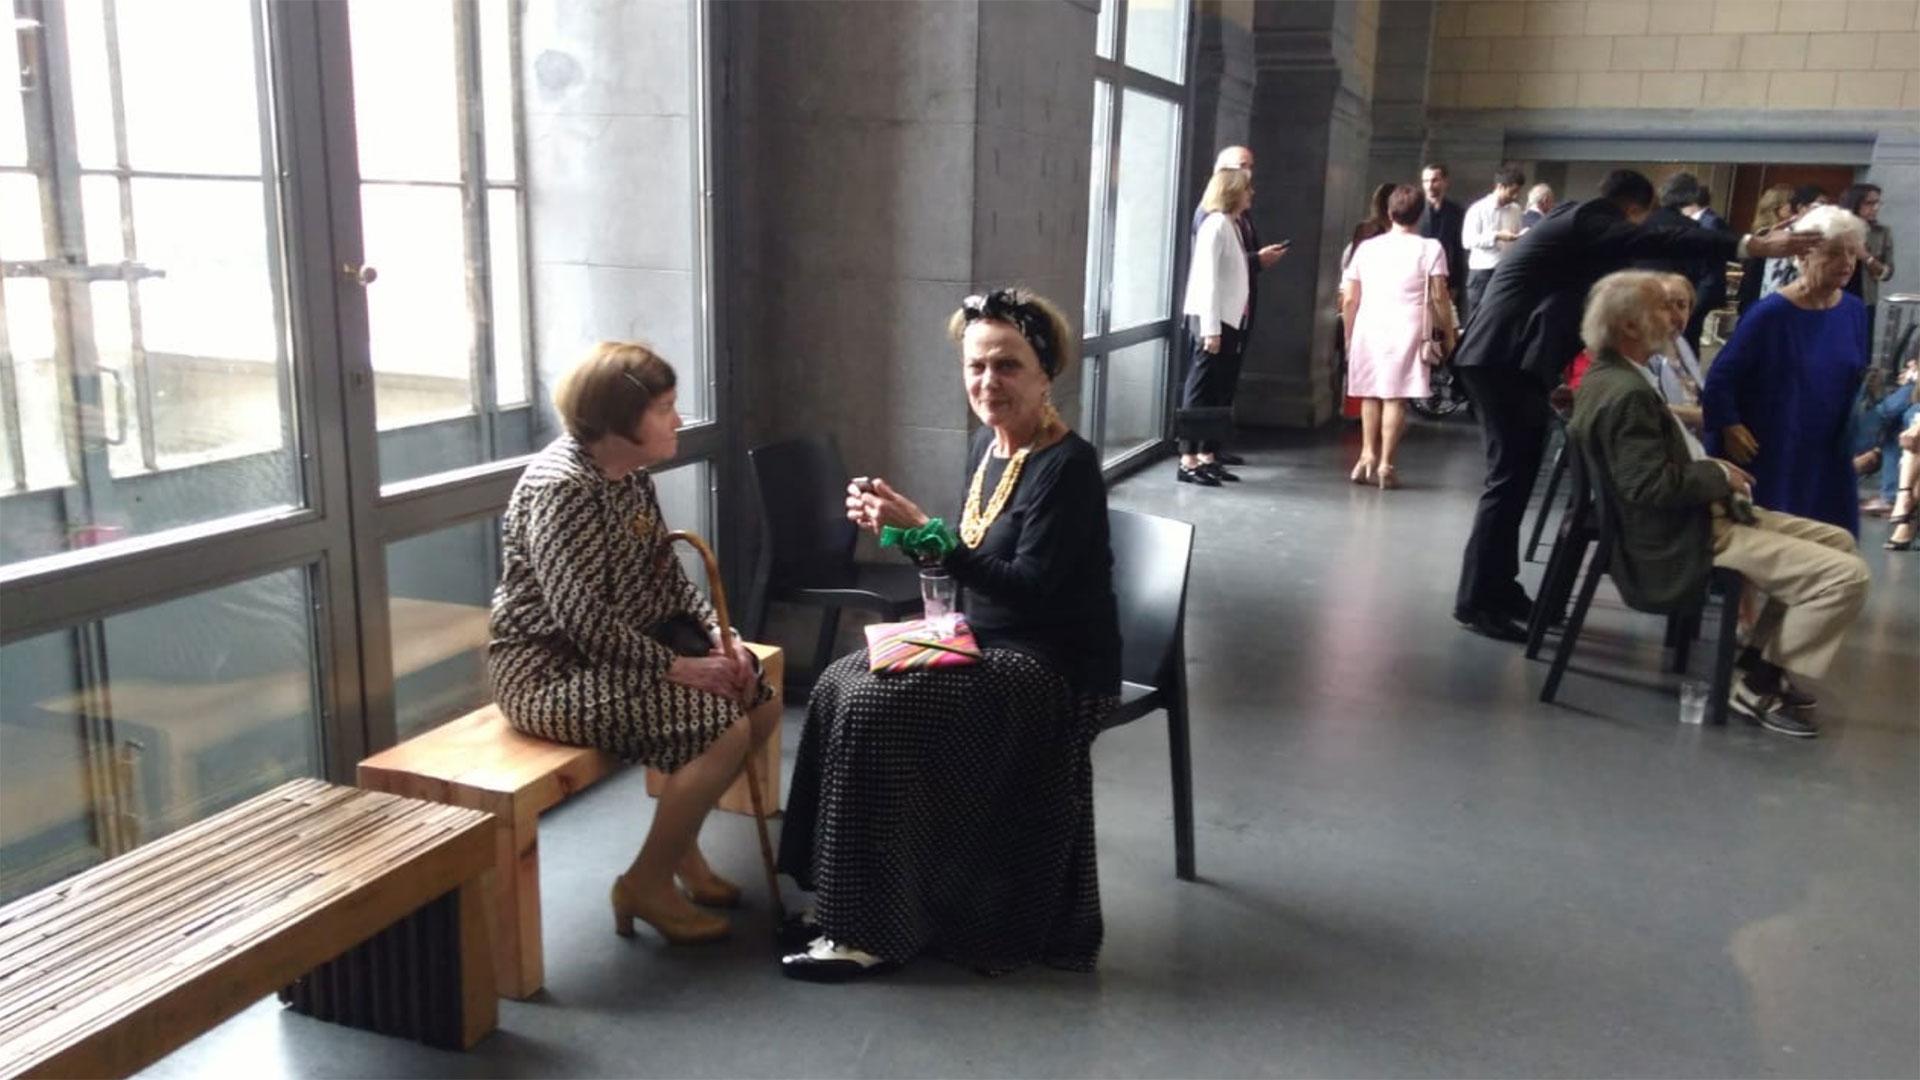 La chef Beatriz Chomnalez y la actriz Marilú Marini, esperando la llegada de Macron